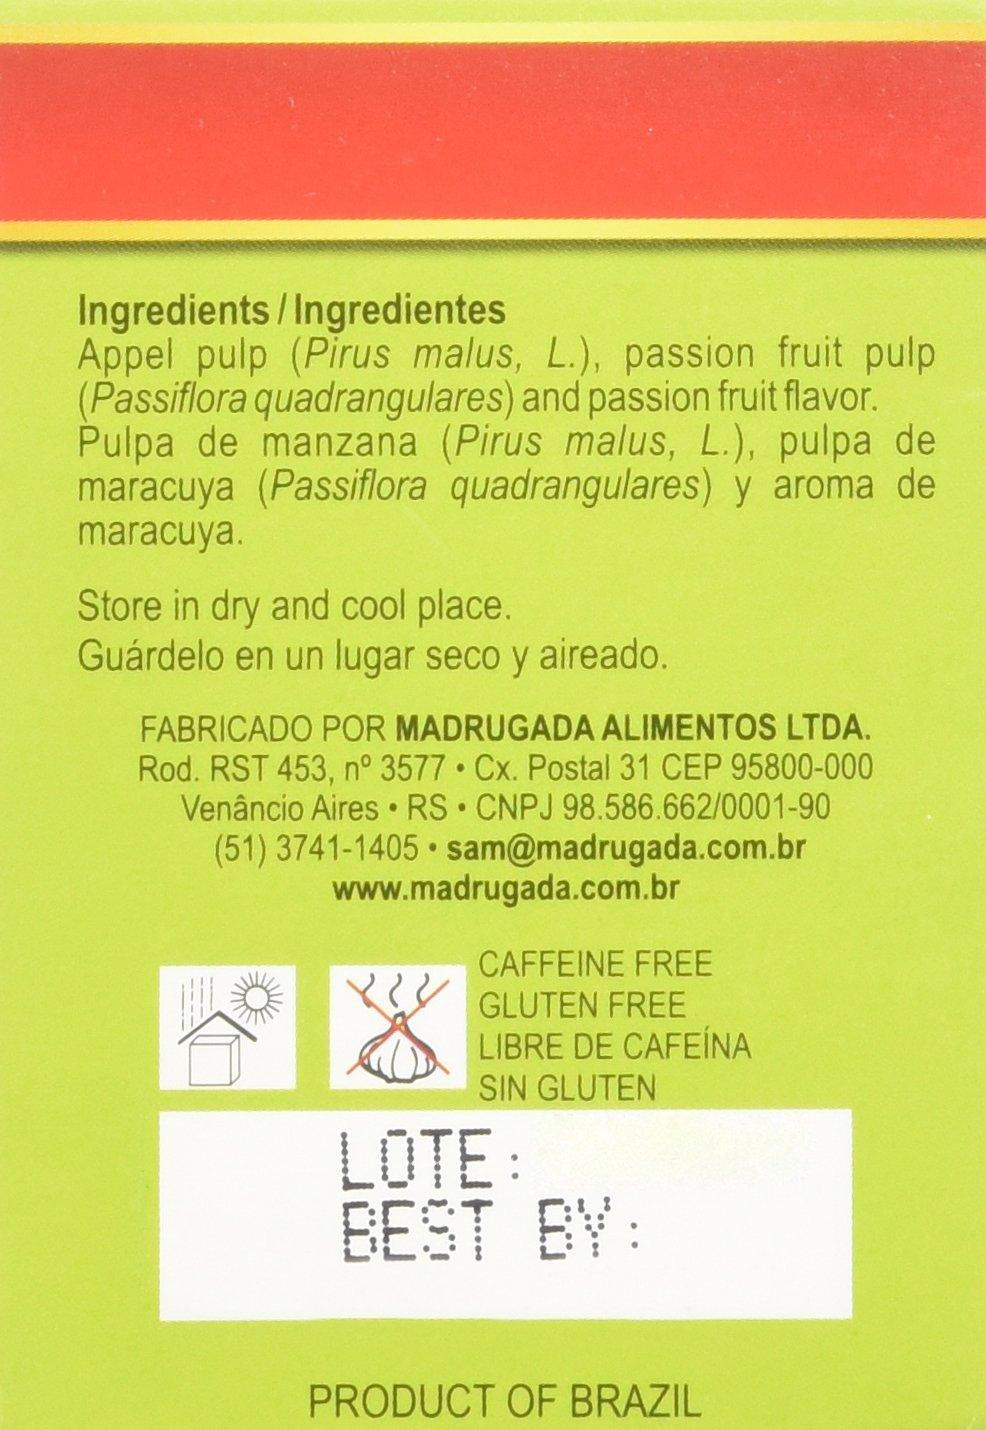 Passion Fruit Tea 10 tea bags - Chá de Maracujá 10 sachês - Madrugada - 0.5oz (15g) GLUTEN FREE - (PACK OF 04) by Madrugada (Image #5)